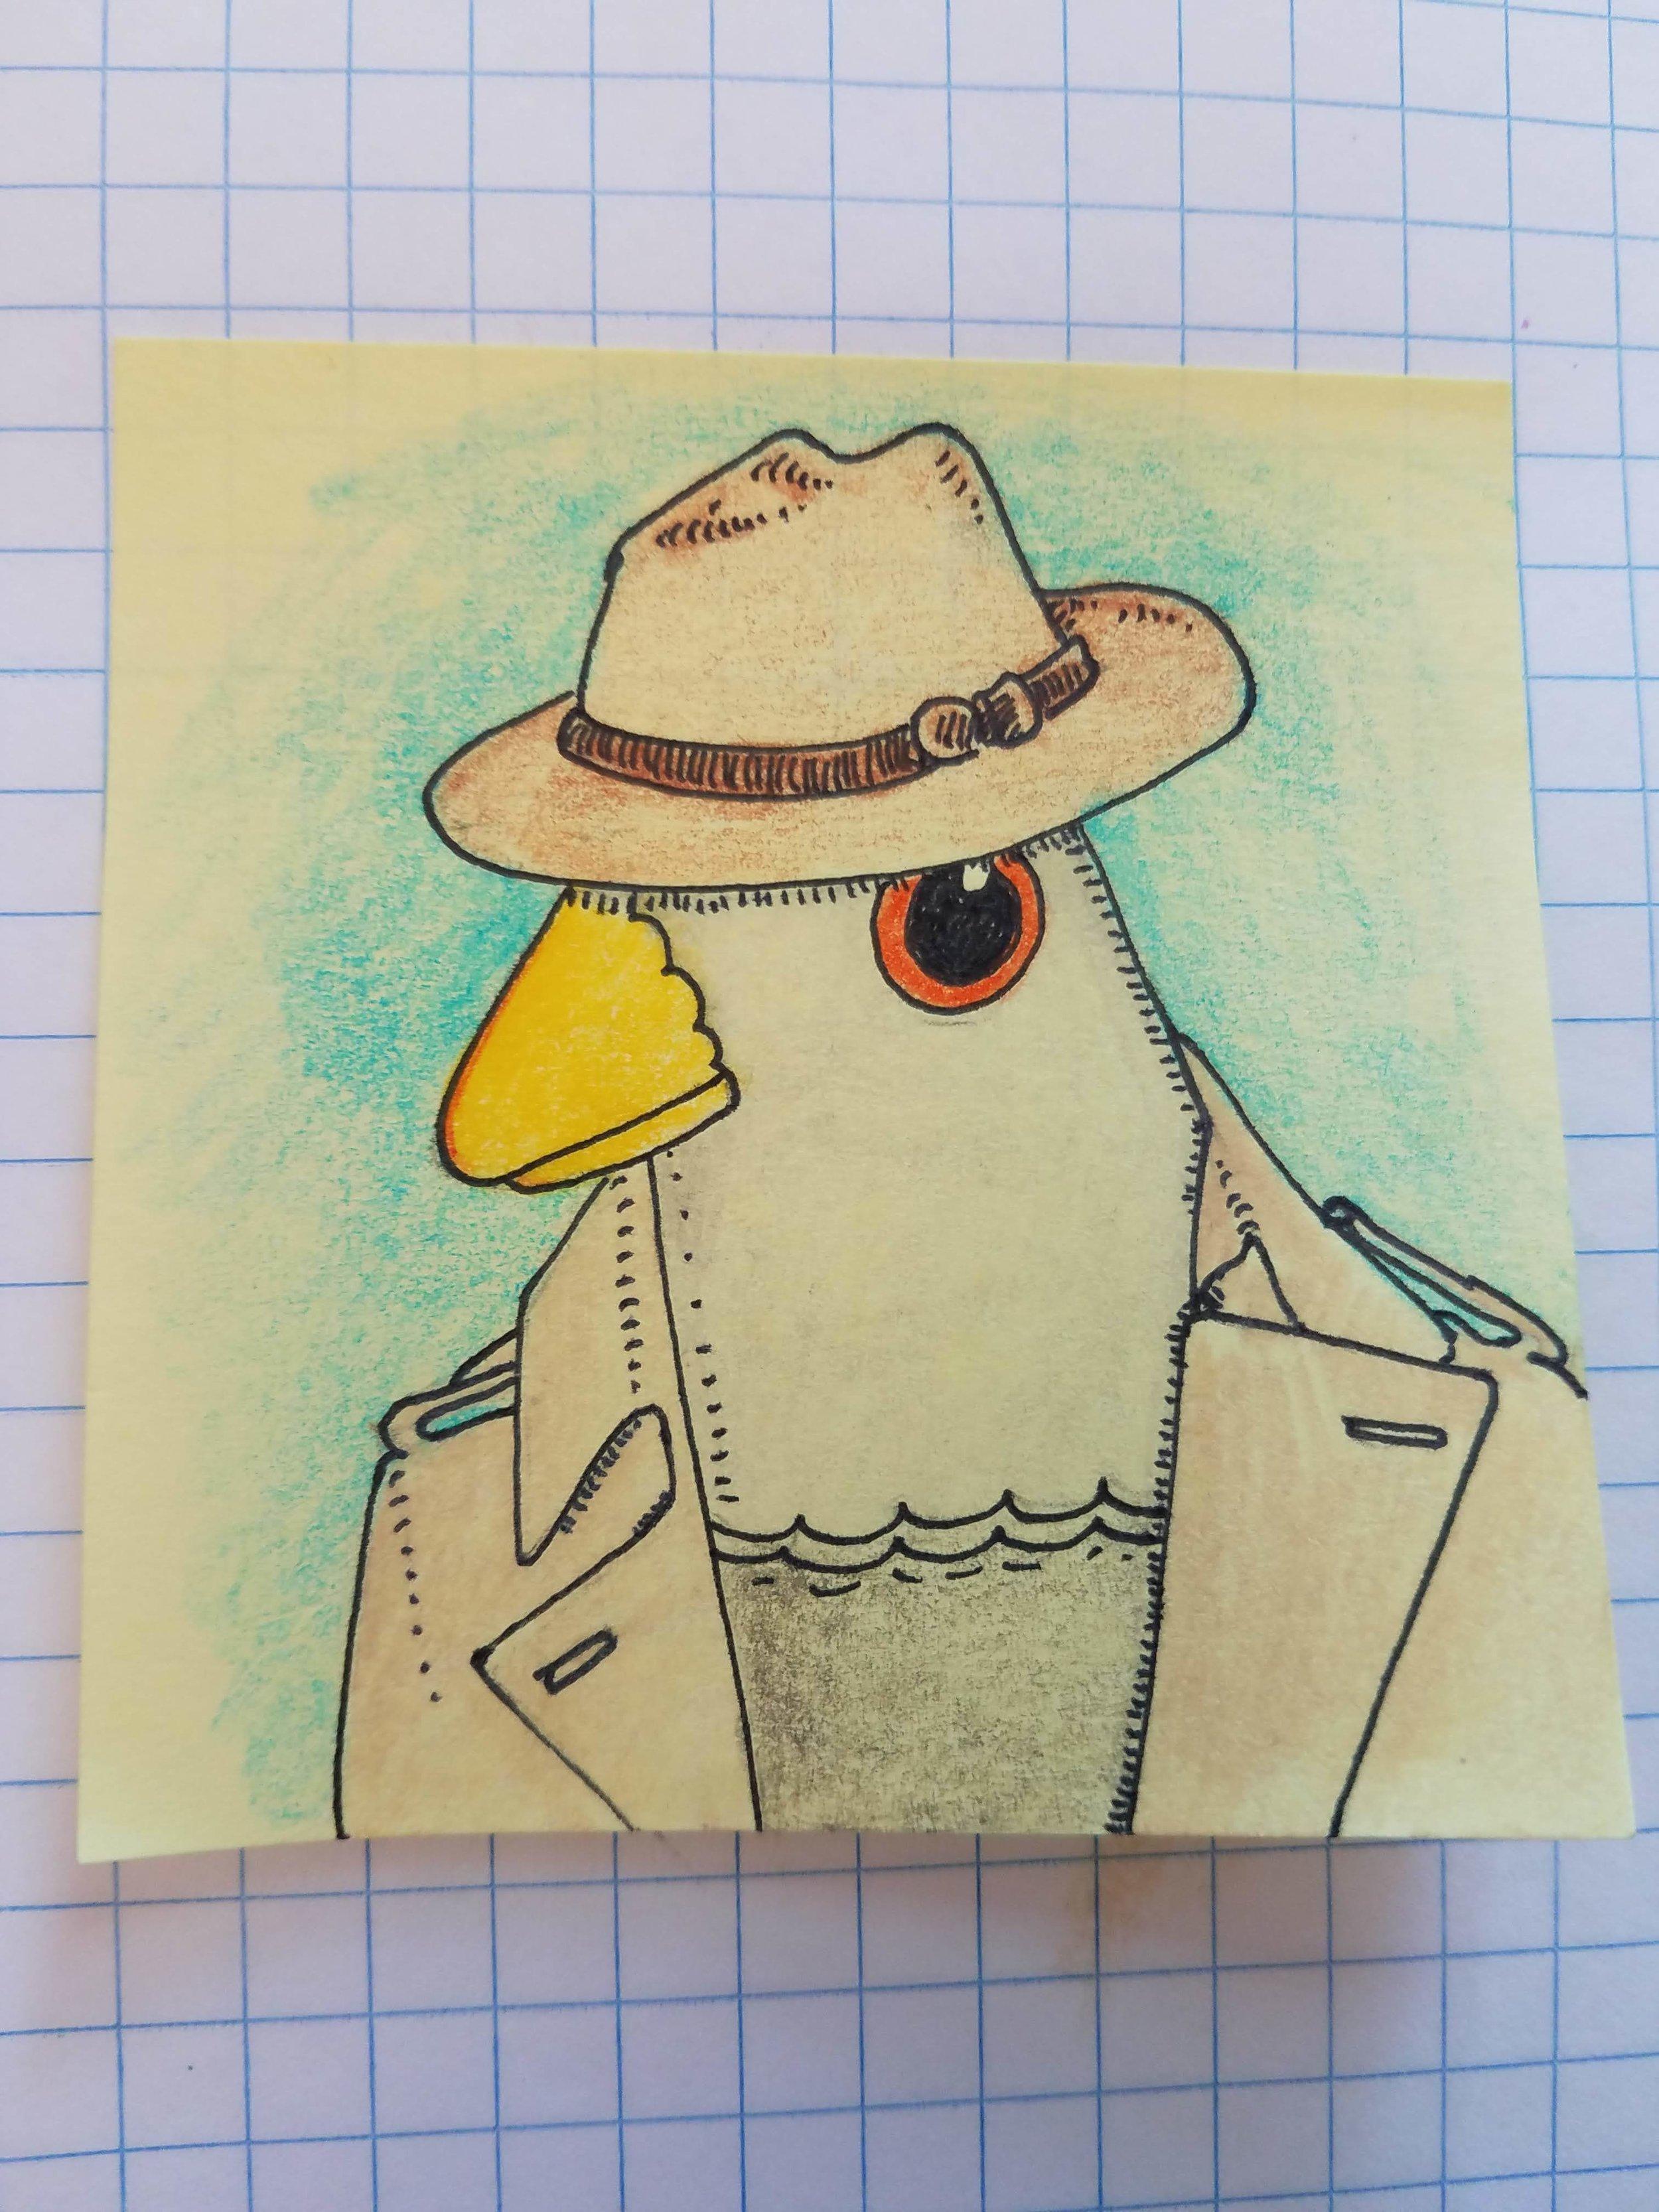 noir_pigeon.jpg